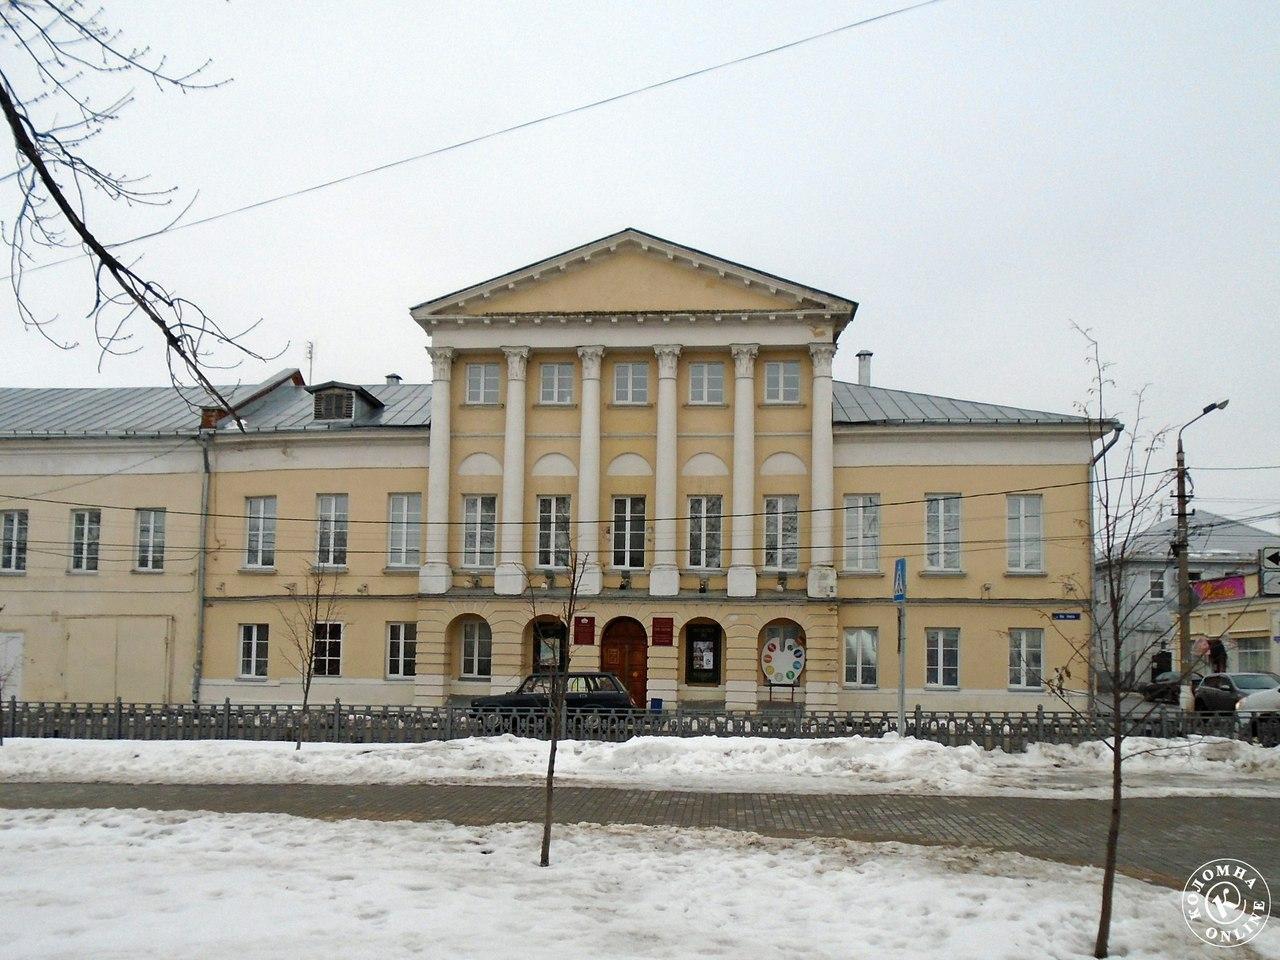 Достопримечательности Коломны: Дом Озерова и Абакумовский зал